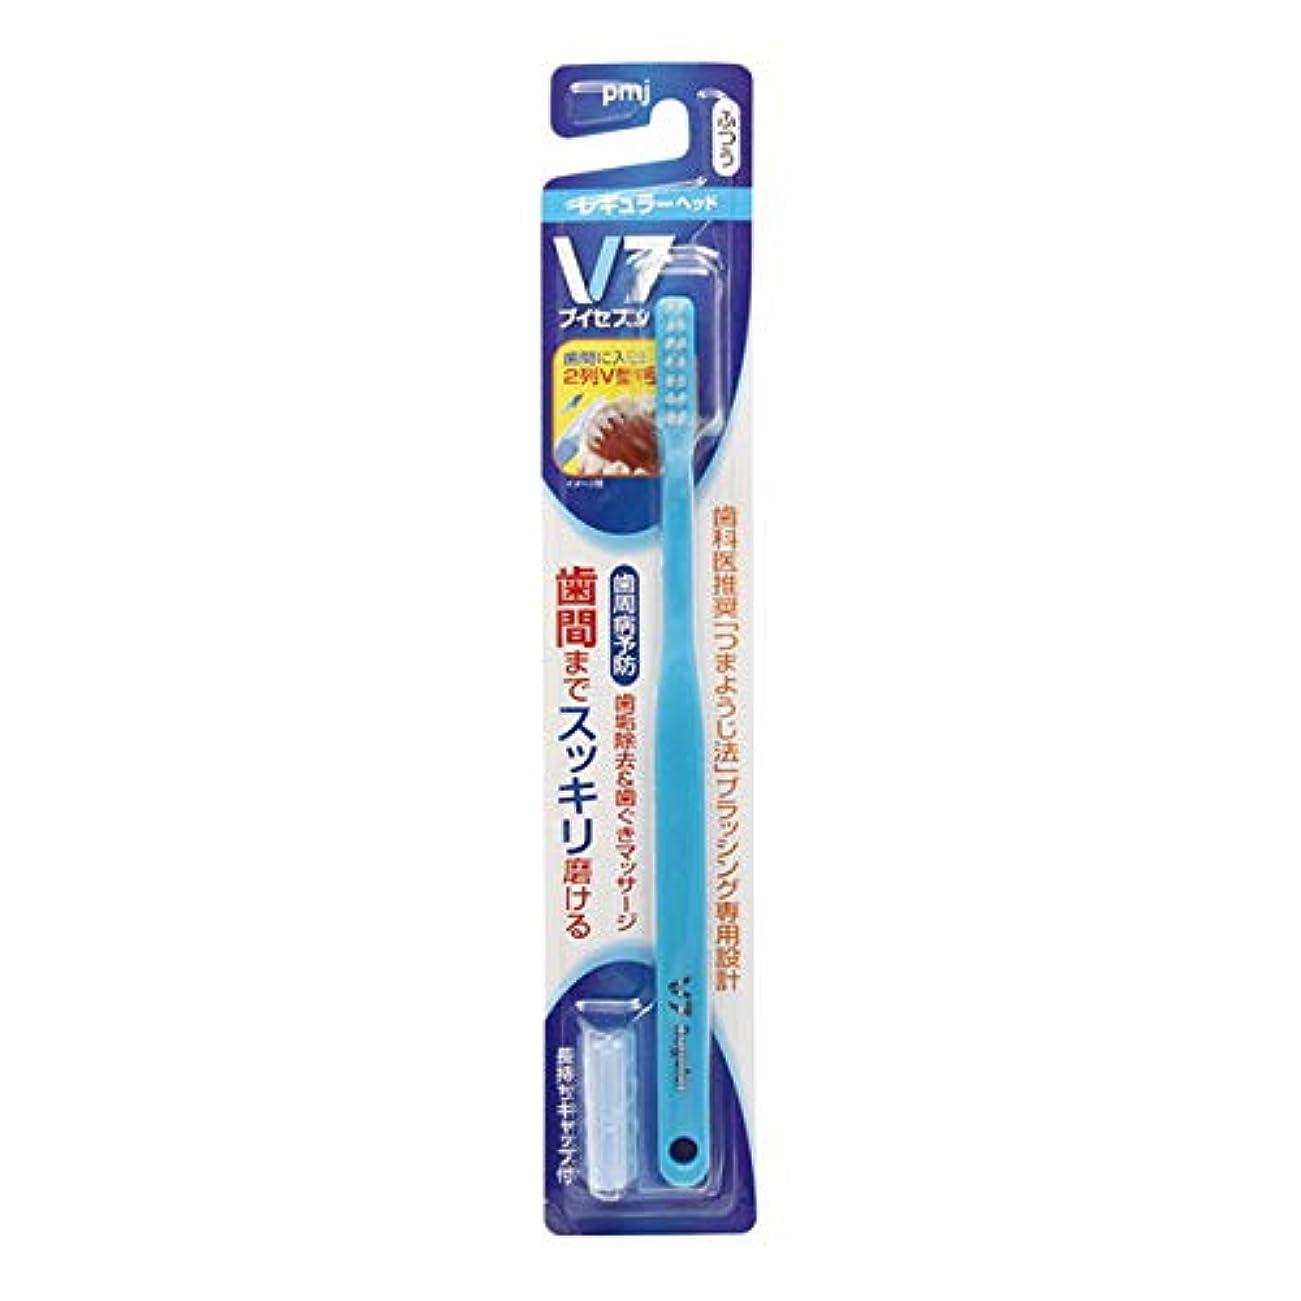 先のことを考える特許価格p.m.j Vセブン 歯ブラシ レギュラー ふつう 1本